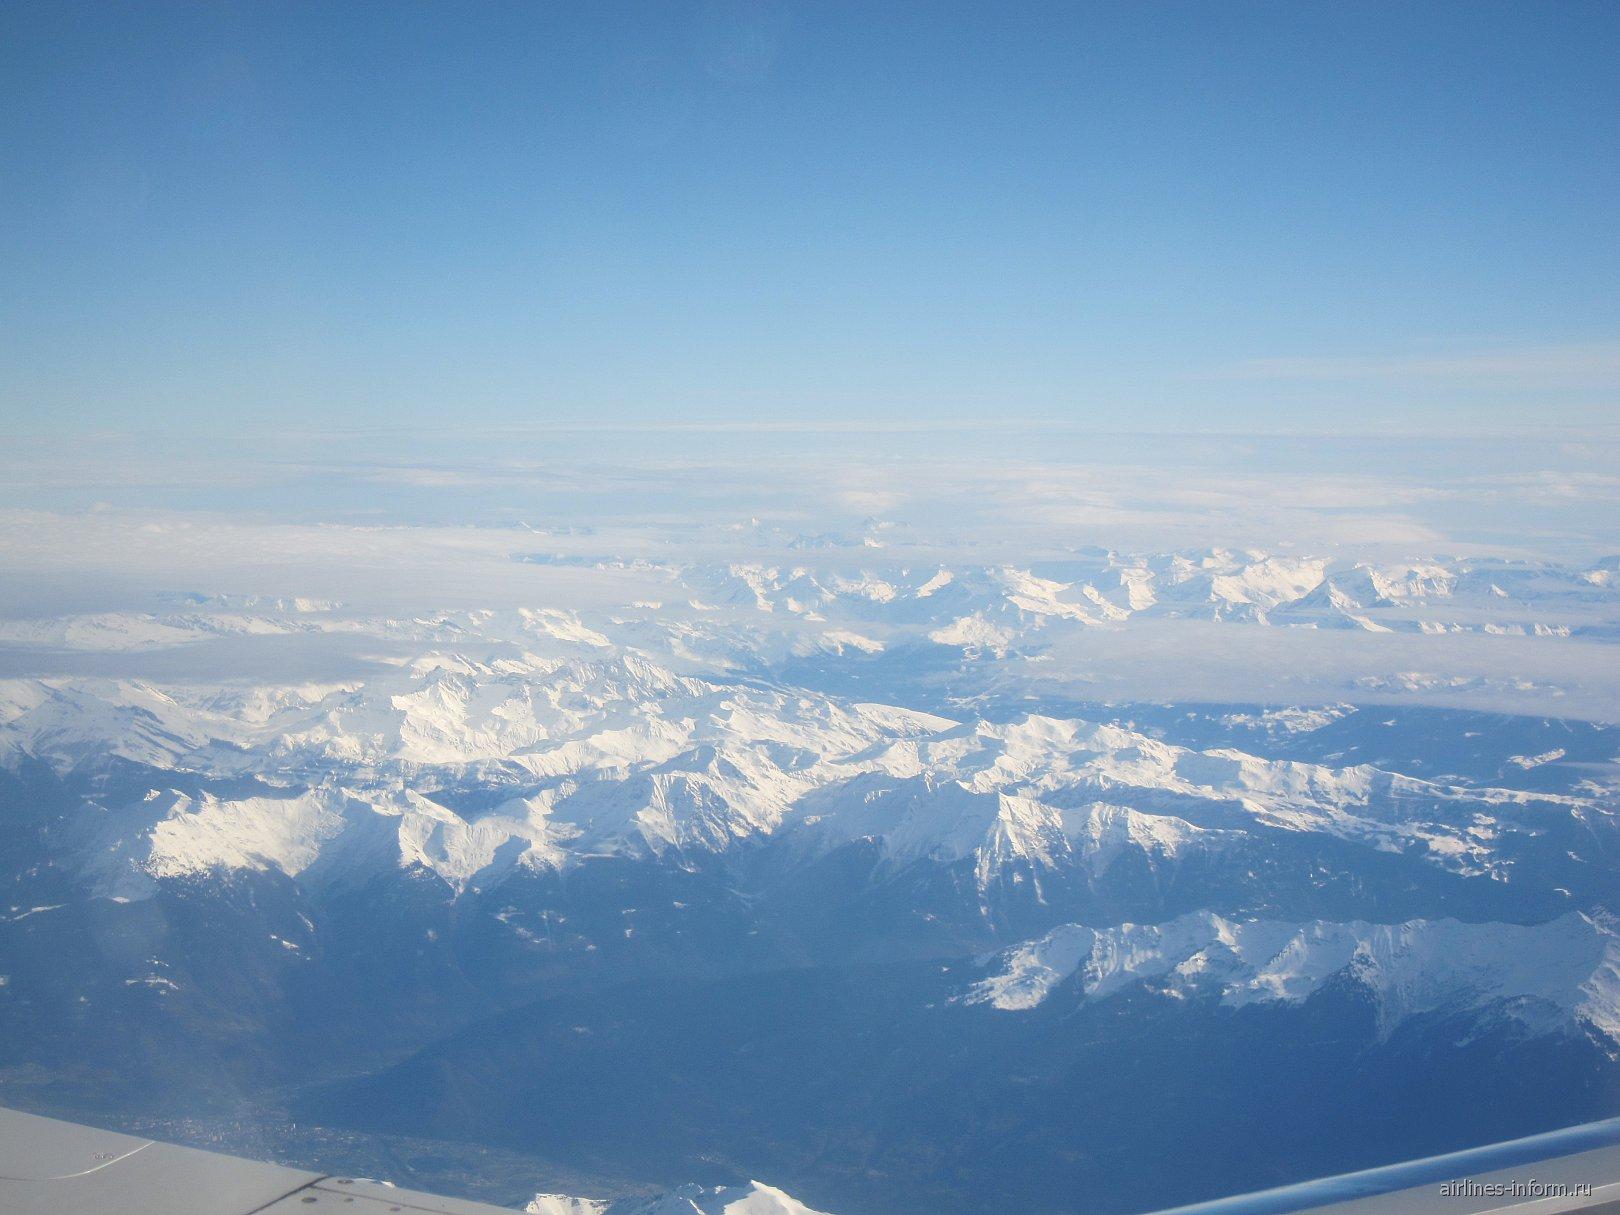 В полете над Альпами на востоке Франции